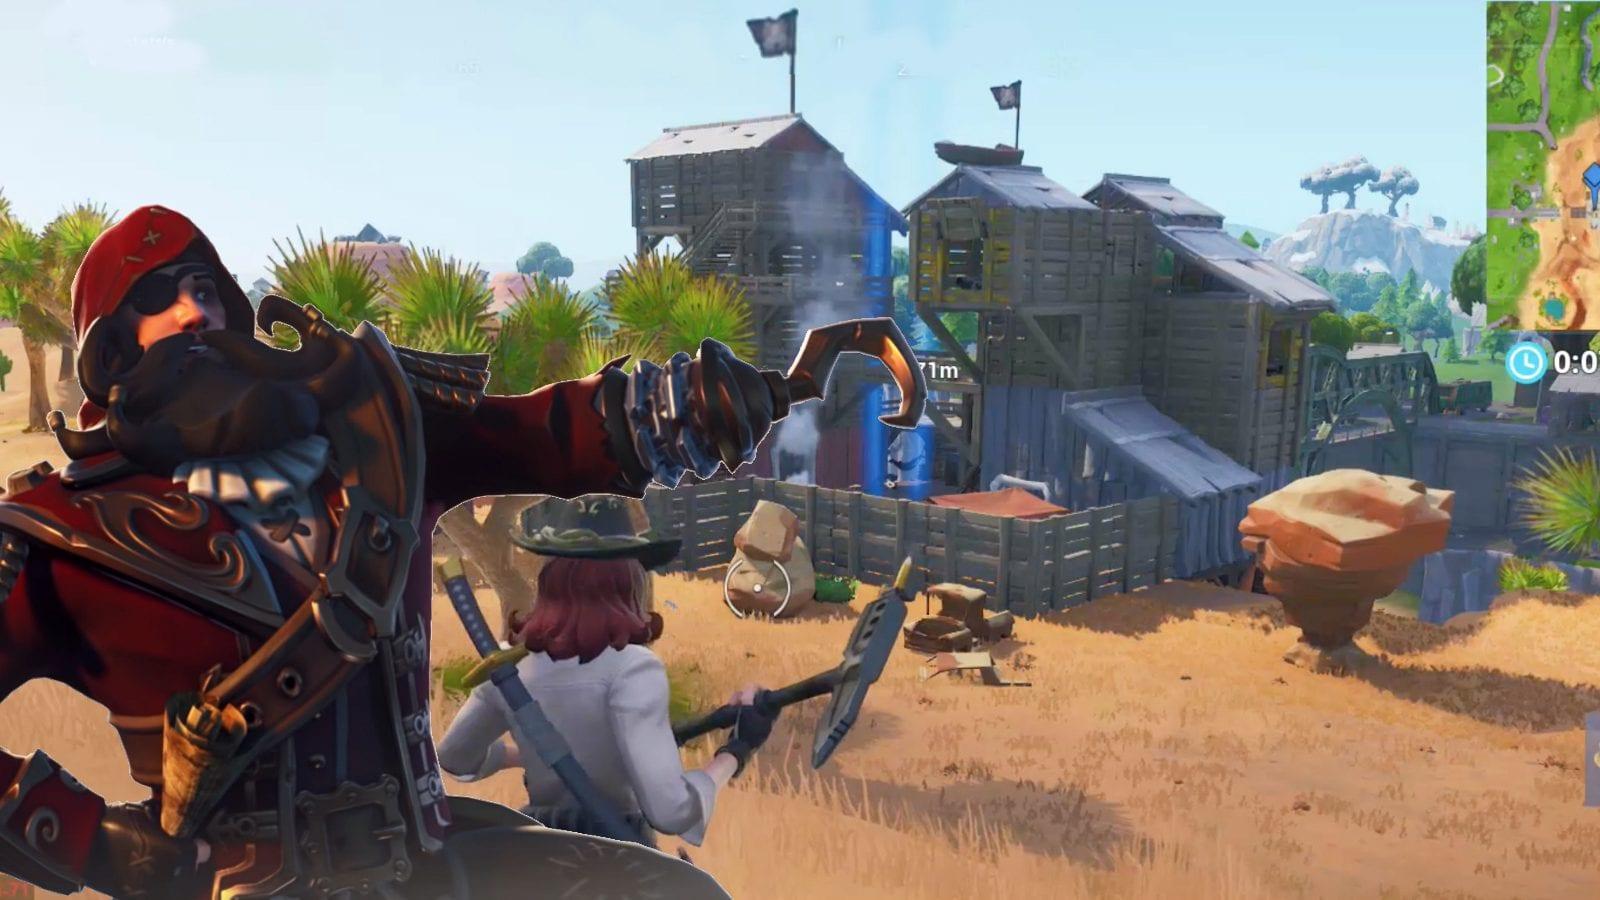 pirate cannon, Fortnite season 8